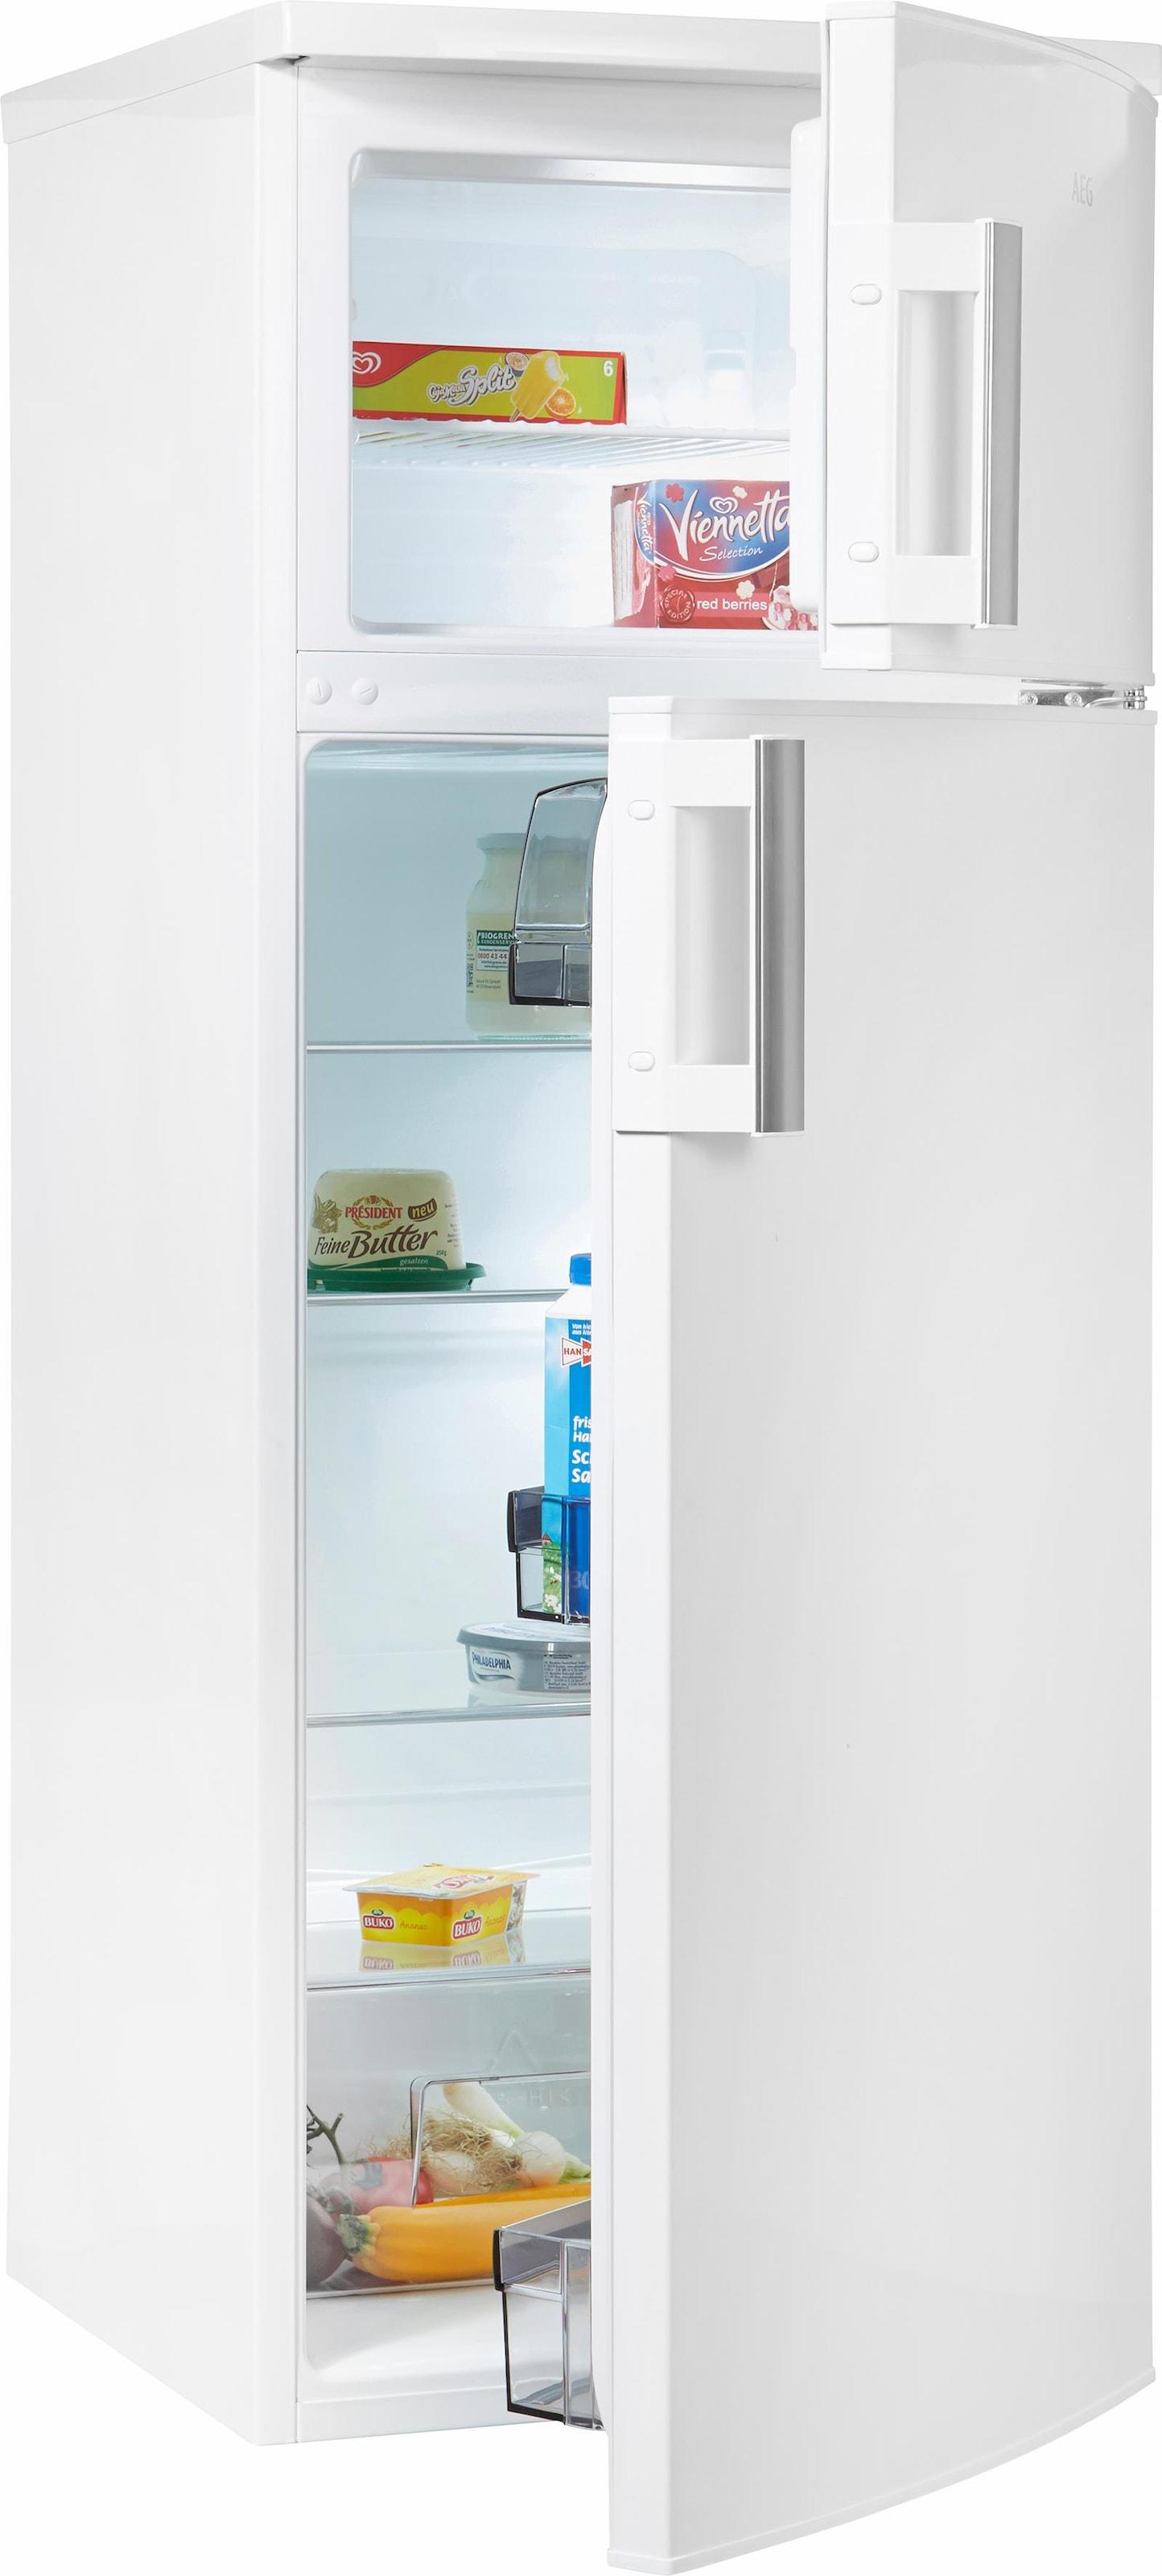 Aeg Kühlschrank Rtb91531aw : Aeg kühlschränke online shop aeg kühlschränke kaufen baur